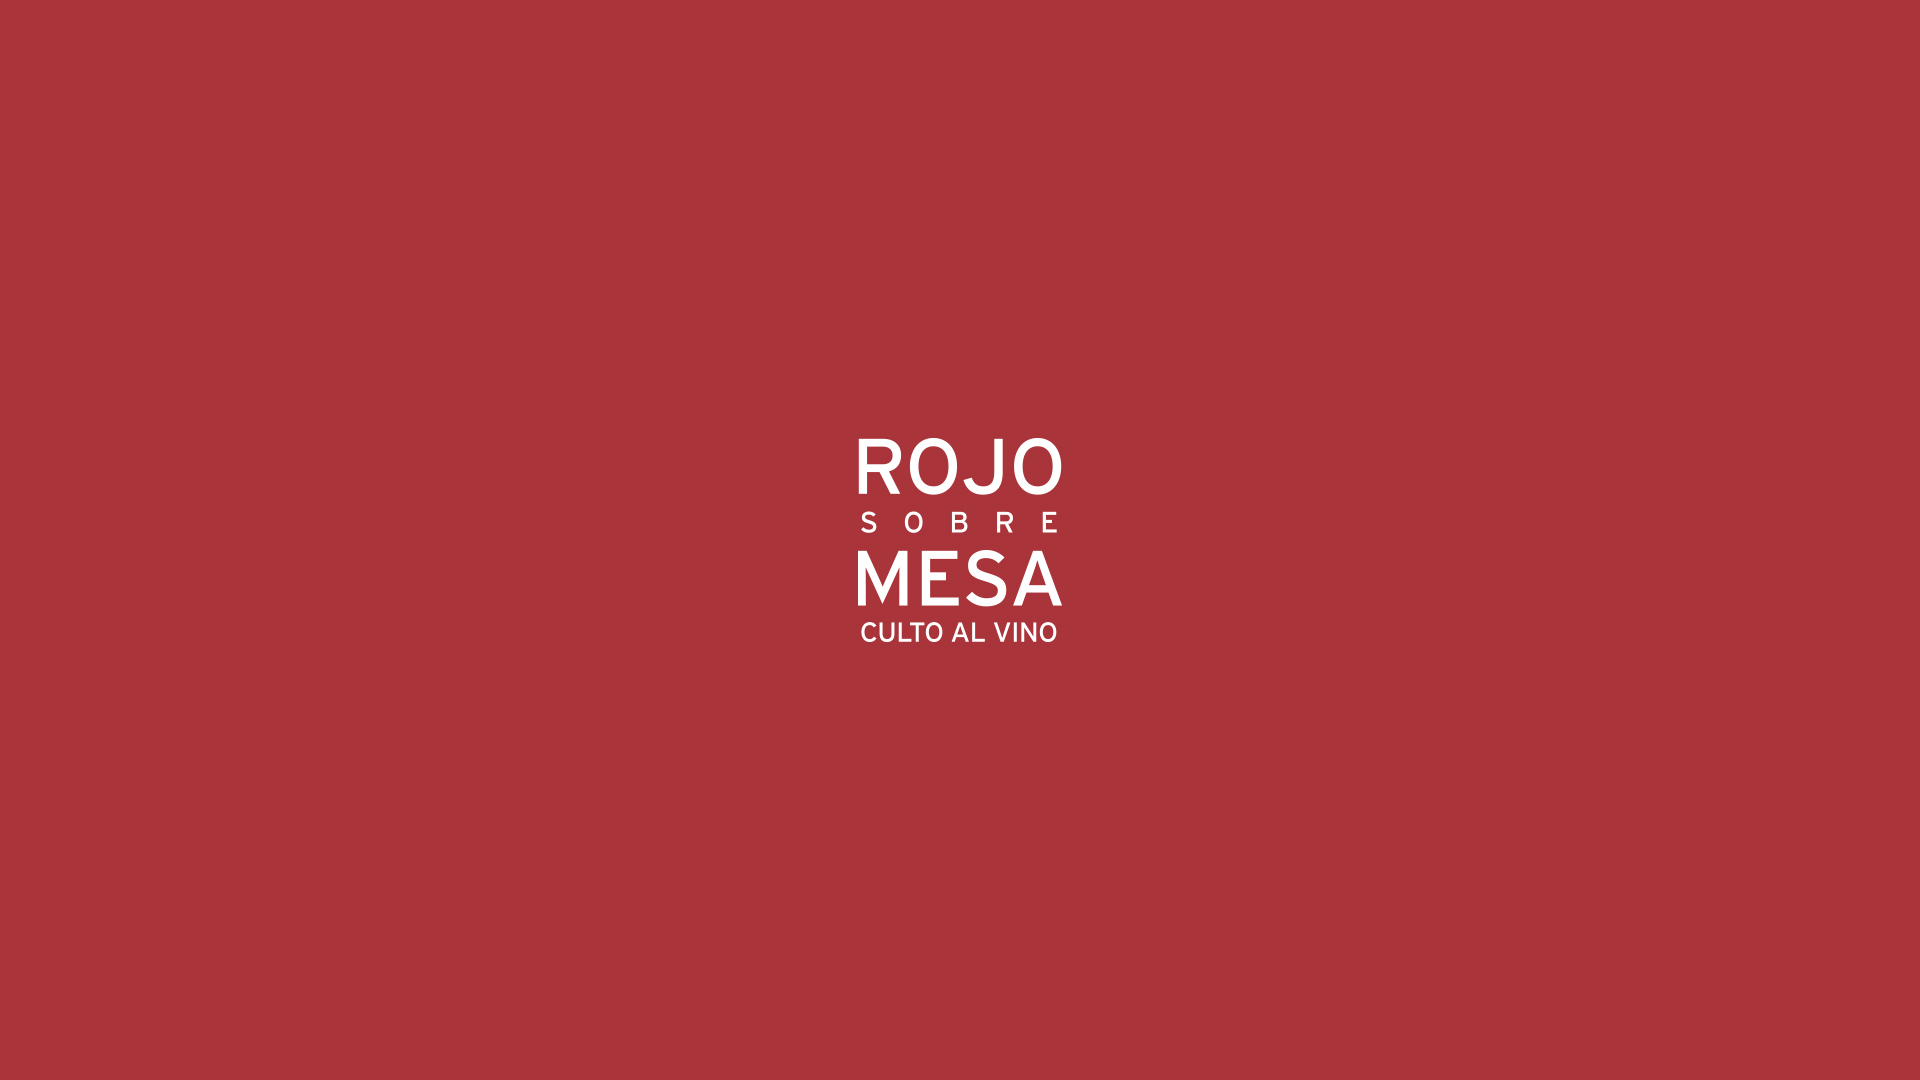 Rojo-sobre-mesa_foto_3